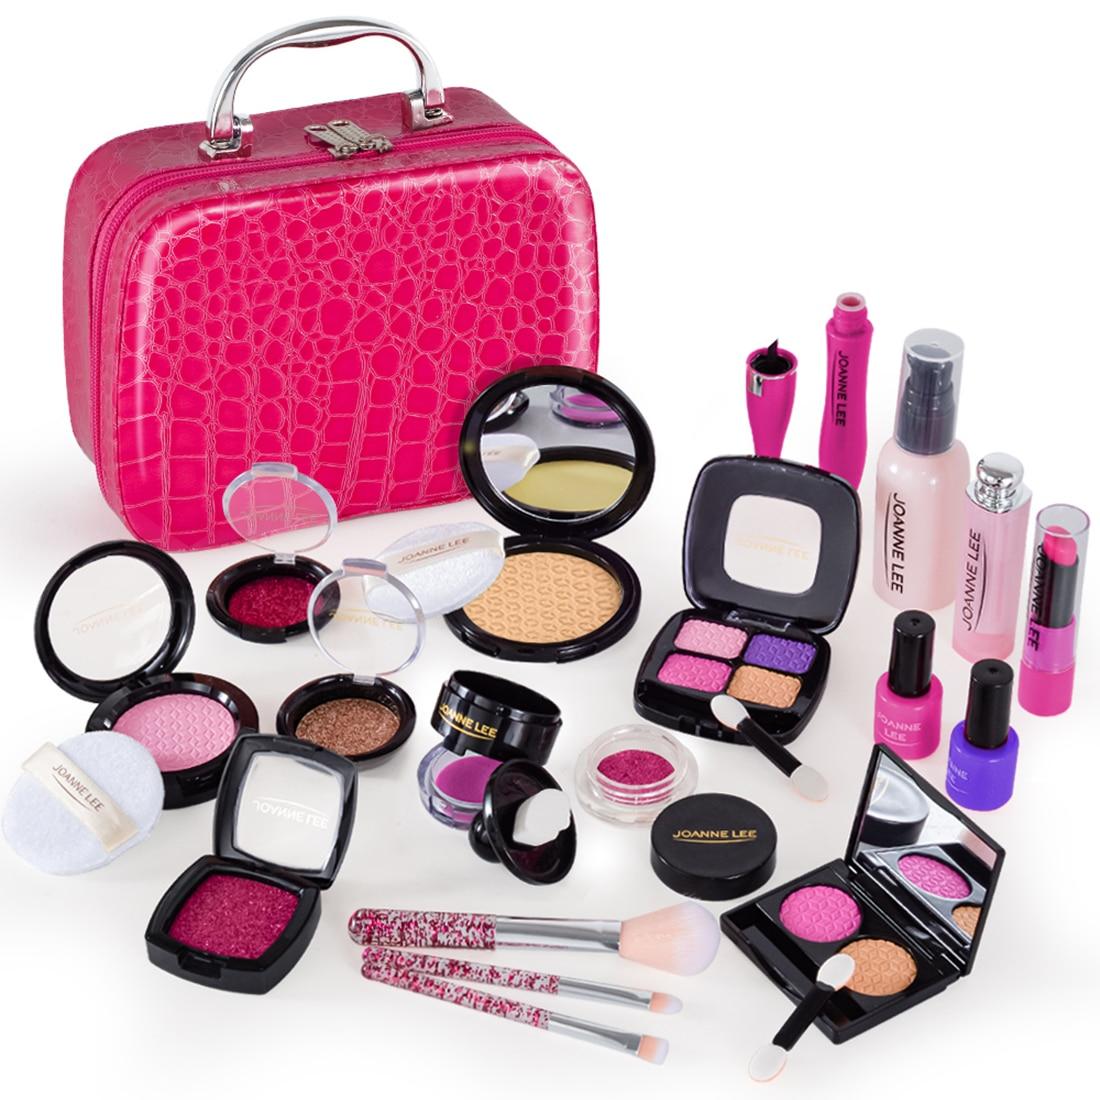 21Pcs Pretend Play Simulation Kosmetik Make-Up Handtasche Spielzeug Für Mädchen Kinder Pädagogisches Spielzeug Geburtstag Geschenk-Rosy Rosa PU tasche